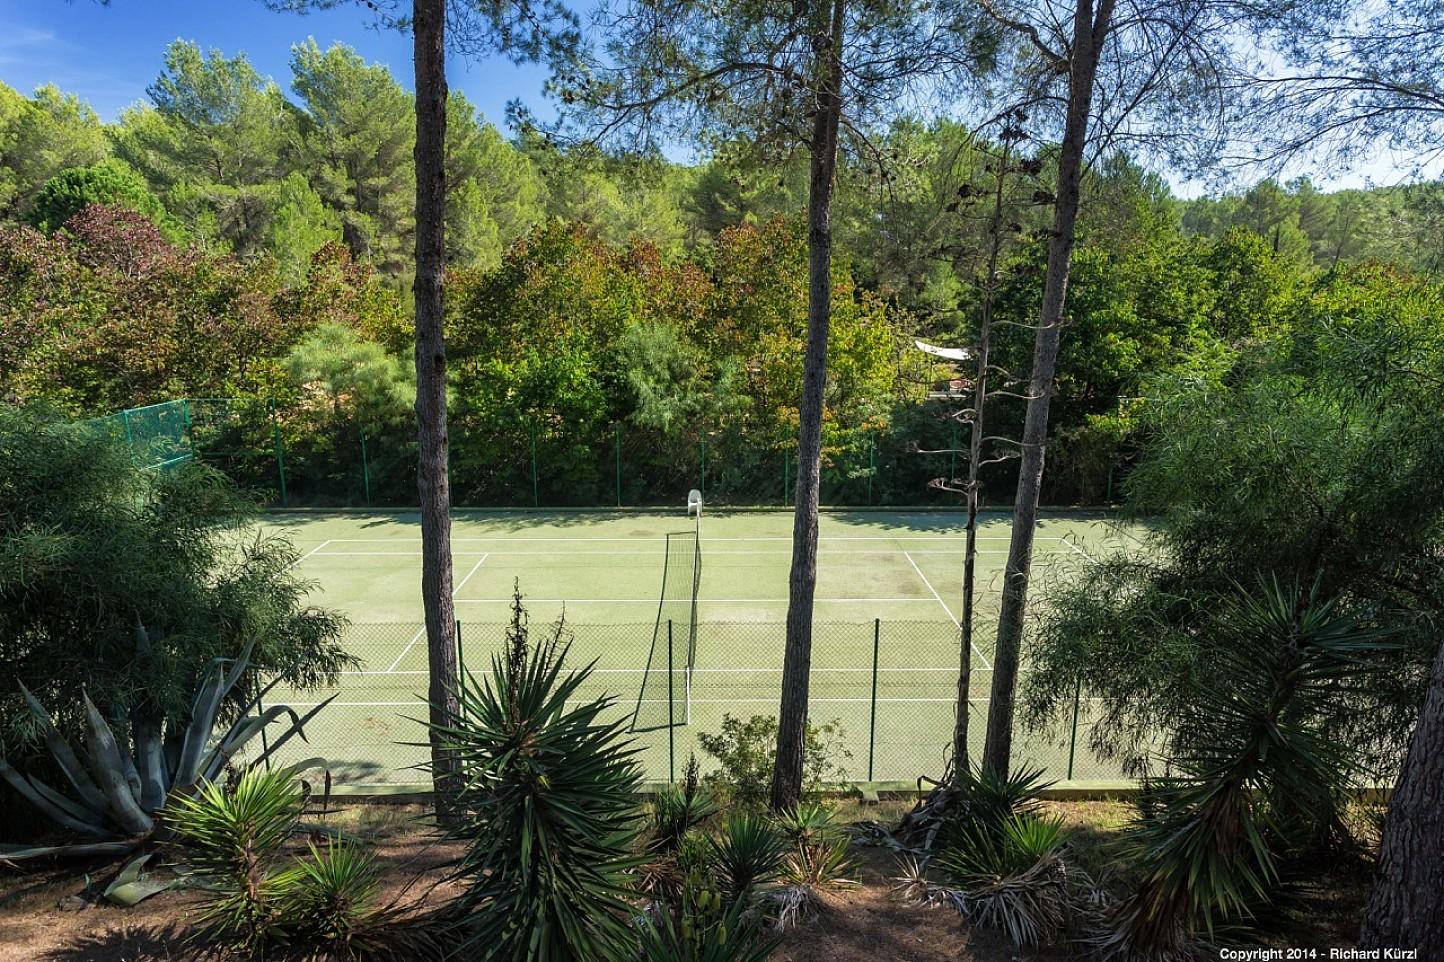 Magníficas vistas de la pista de tenis